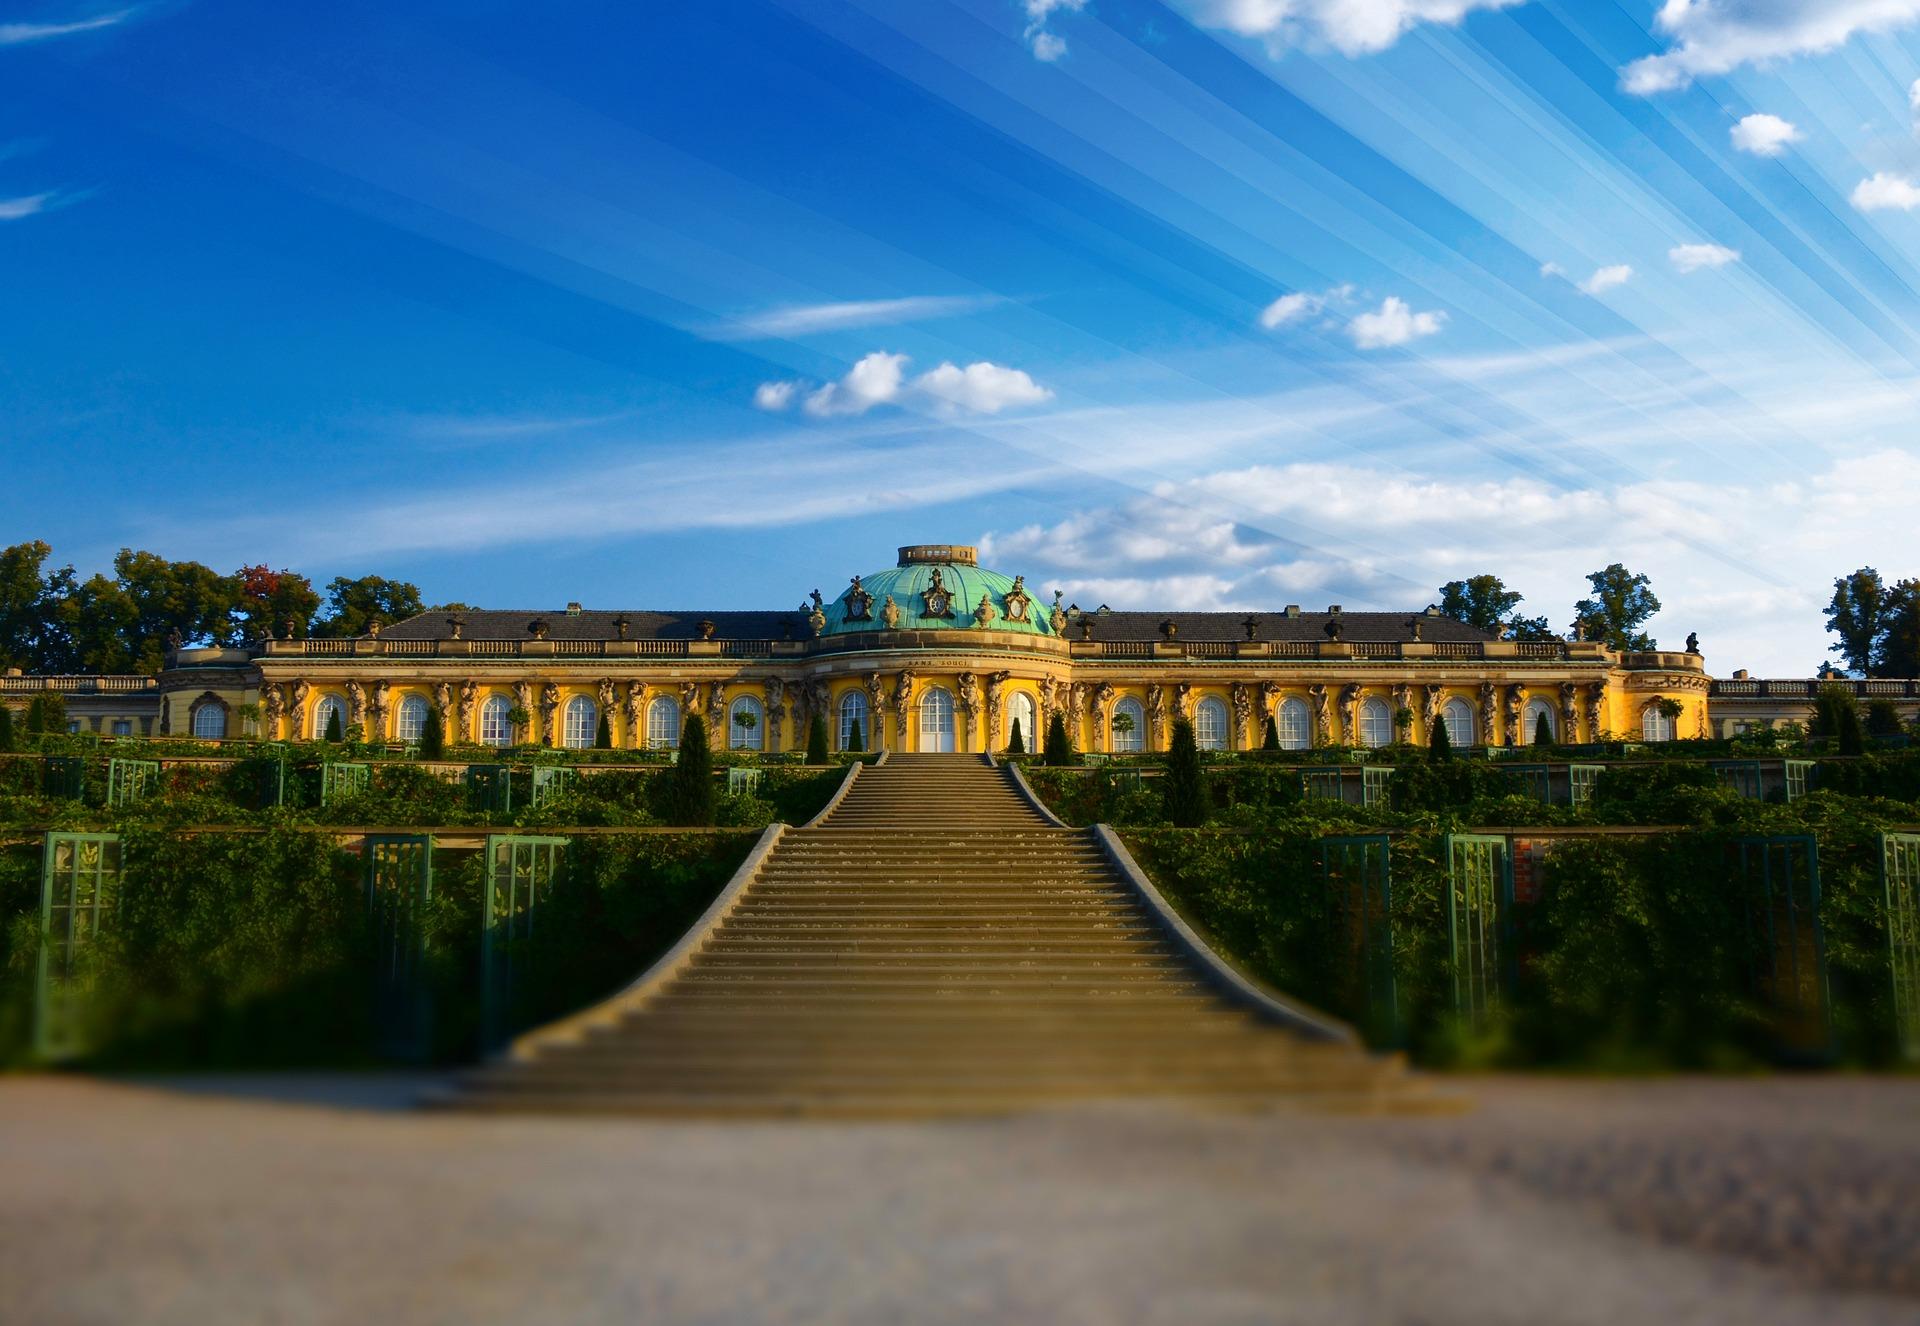 Schloss Sanssouci in Brandenburg